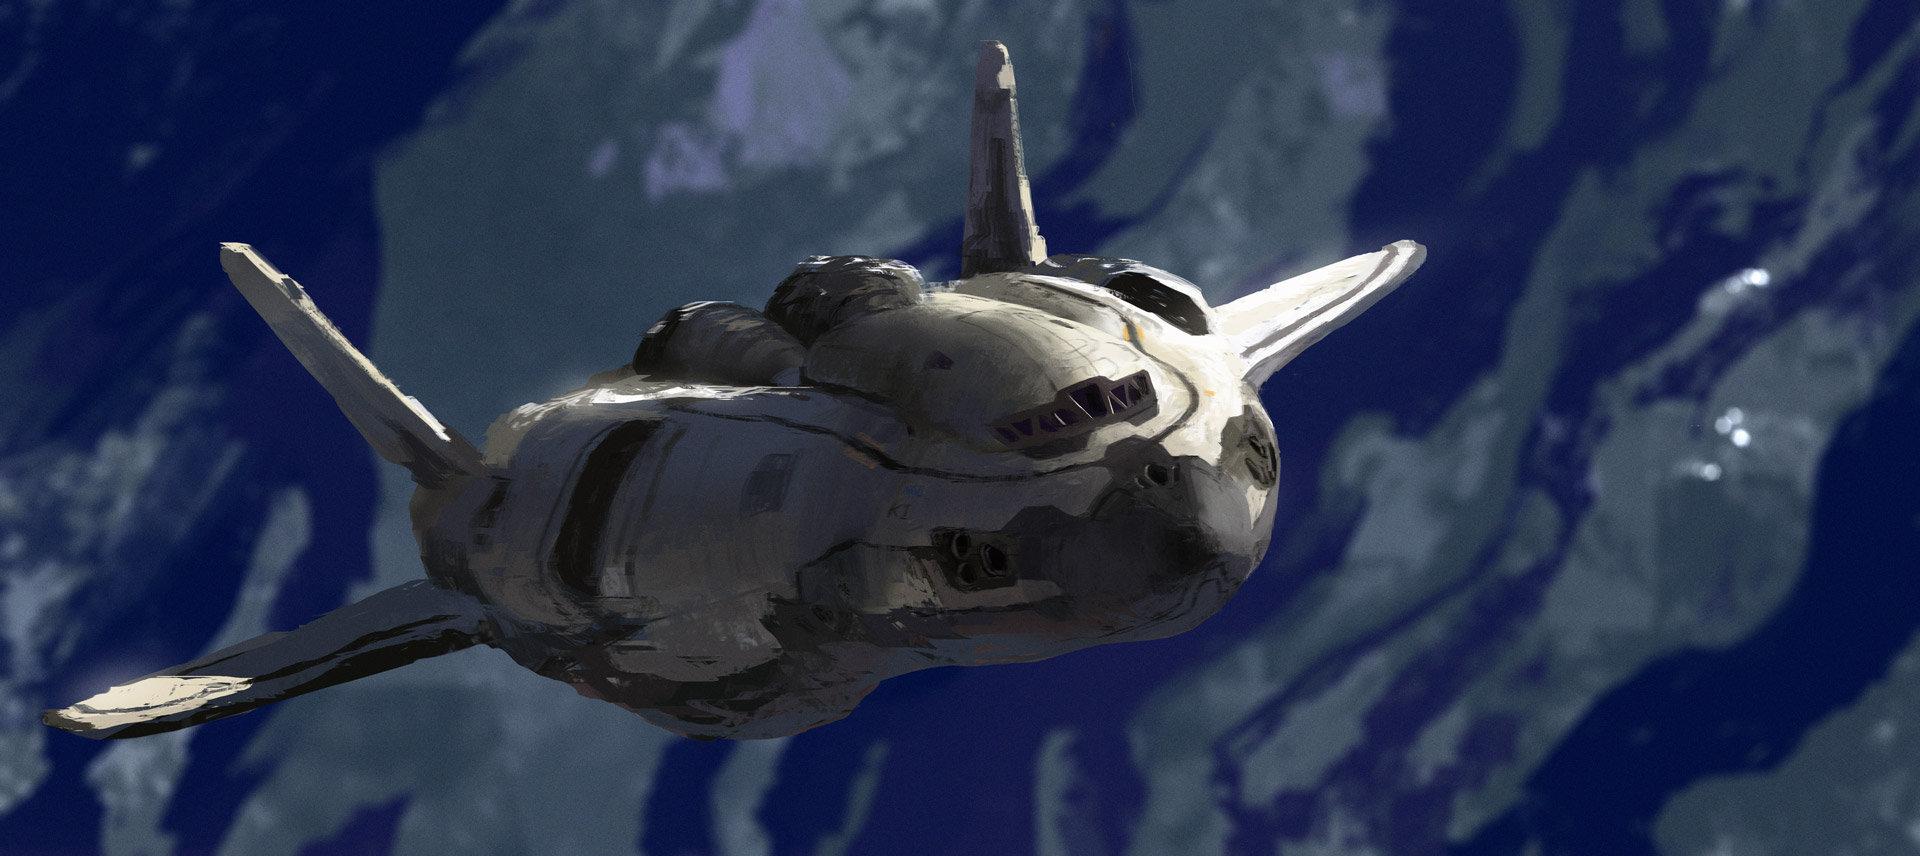 Adrien girod pa space shuttle 05 72